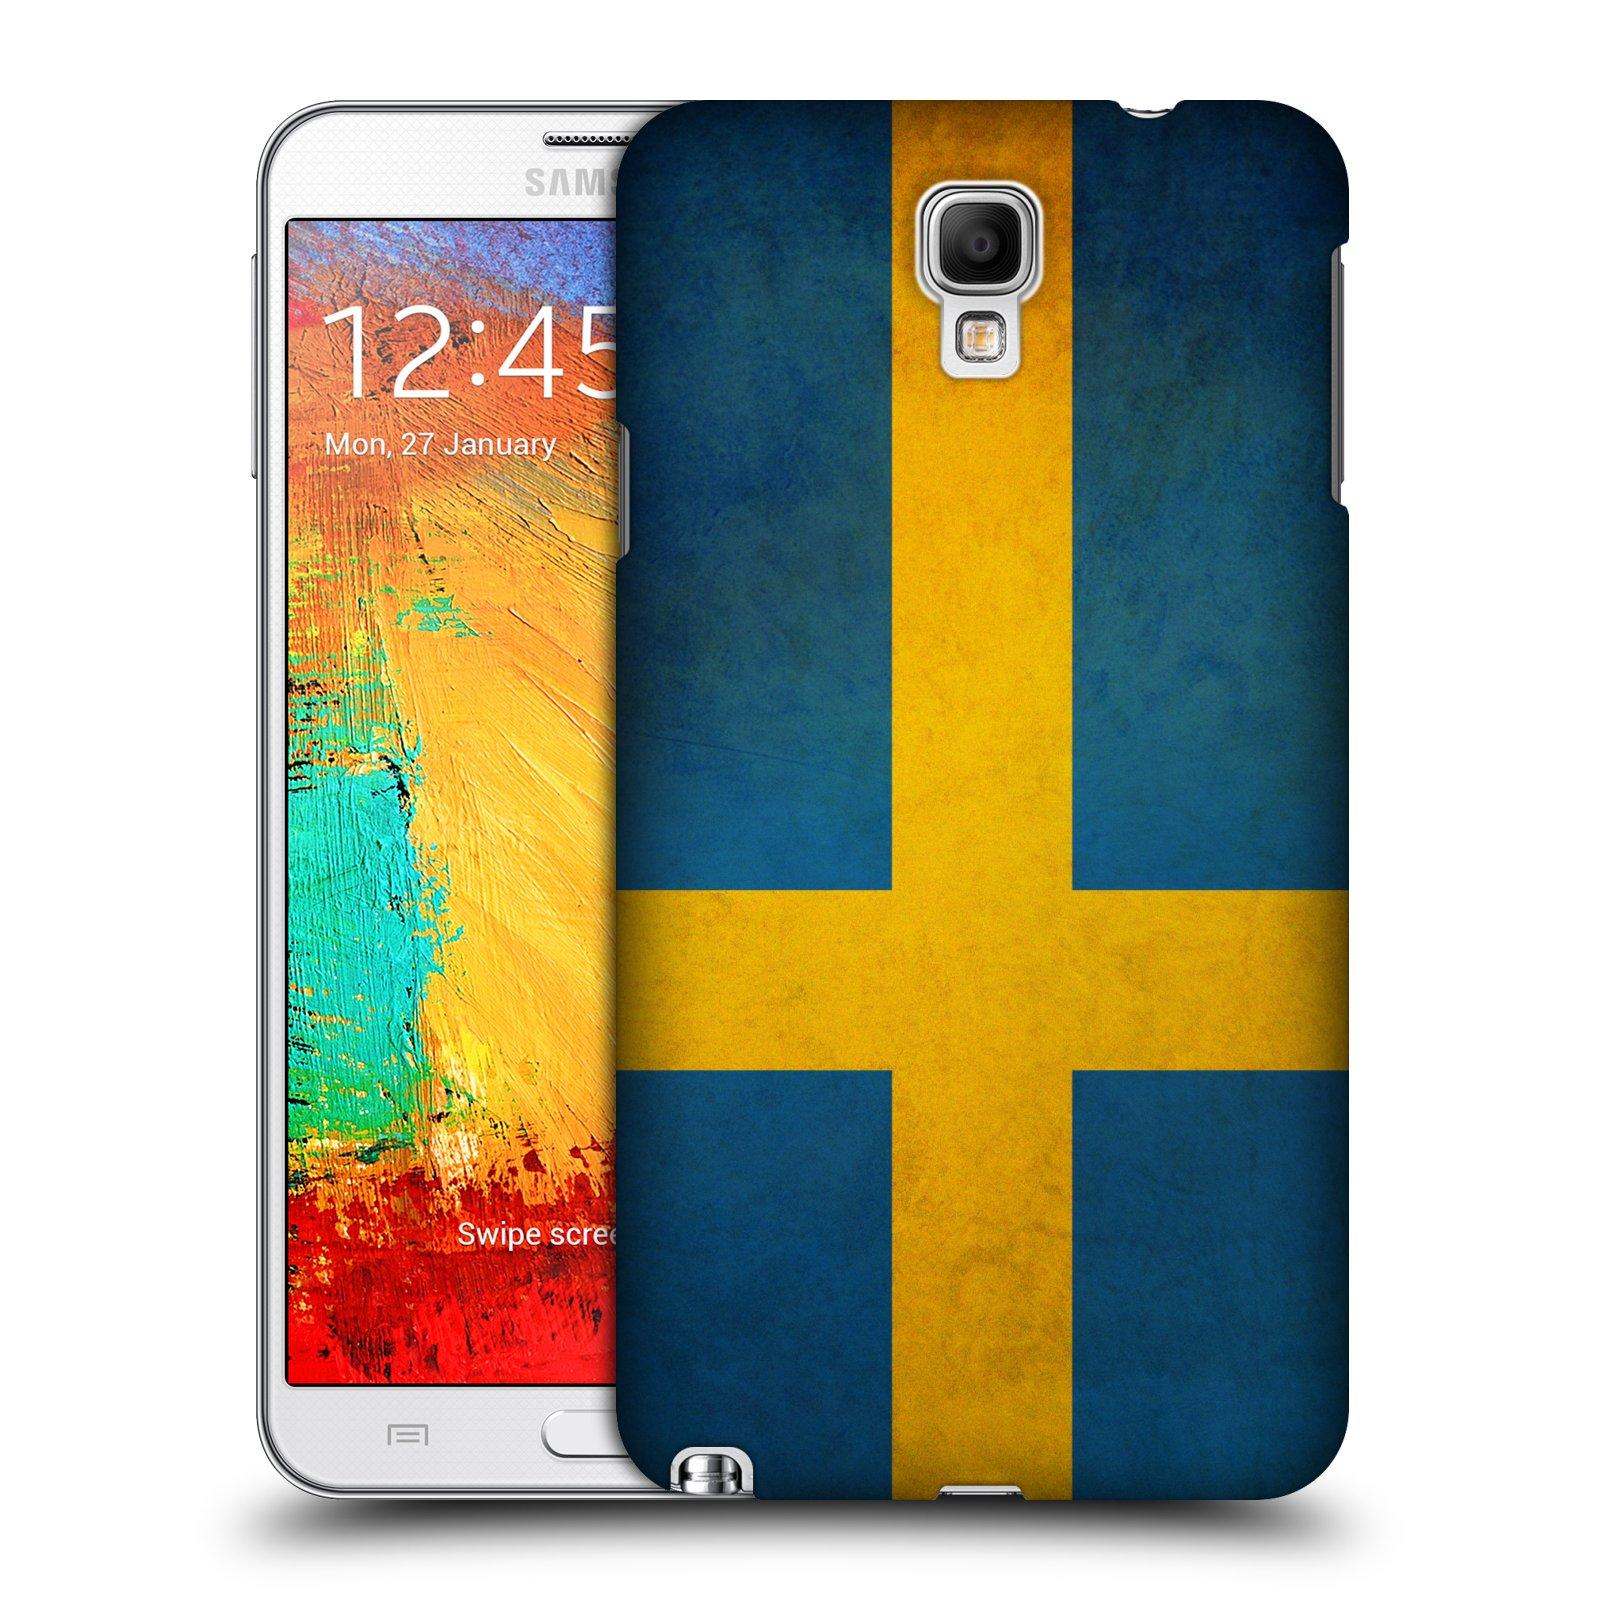 Plastové pouzdro na mobil Samsung Galaxy Note 3 Neo HEAD CASE VLAJKA ŠVÉDSKO (Kryt či obal na mobilní telefon Samsung Galaxy Note 3 Neo SM-N7505)